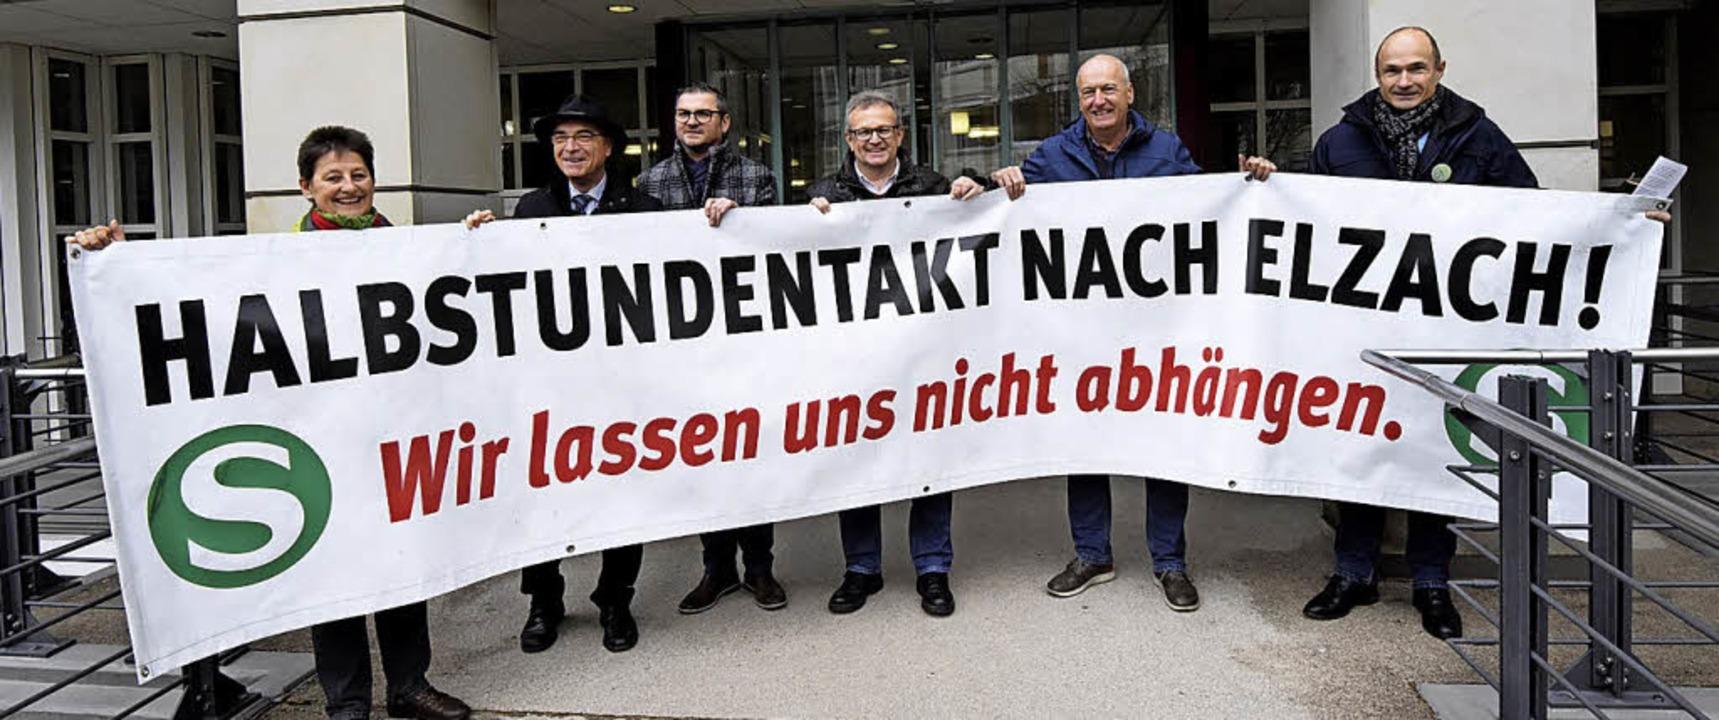 Deutlich ermahnten Elztäler Verkehrsmi...taktes nicht im Regen stehen zu lassen  | Foto: Markus Zimmermann